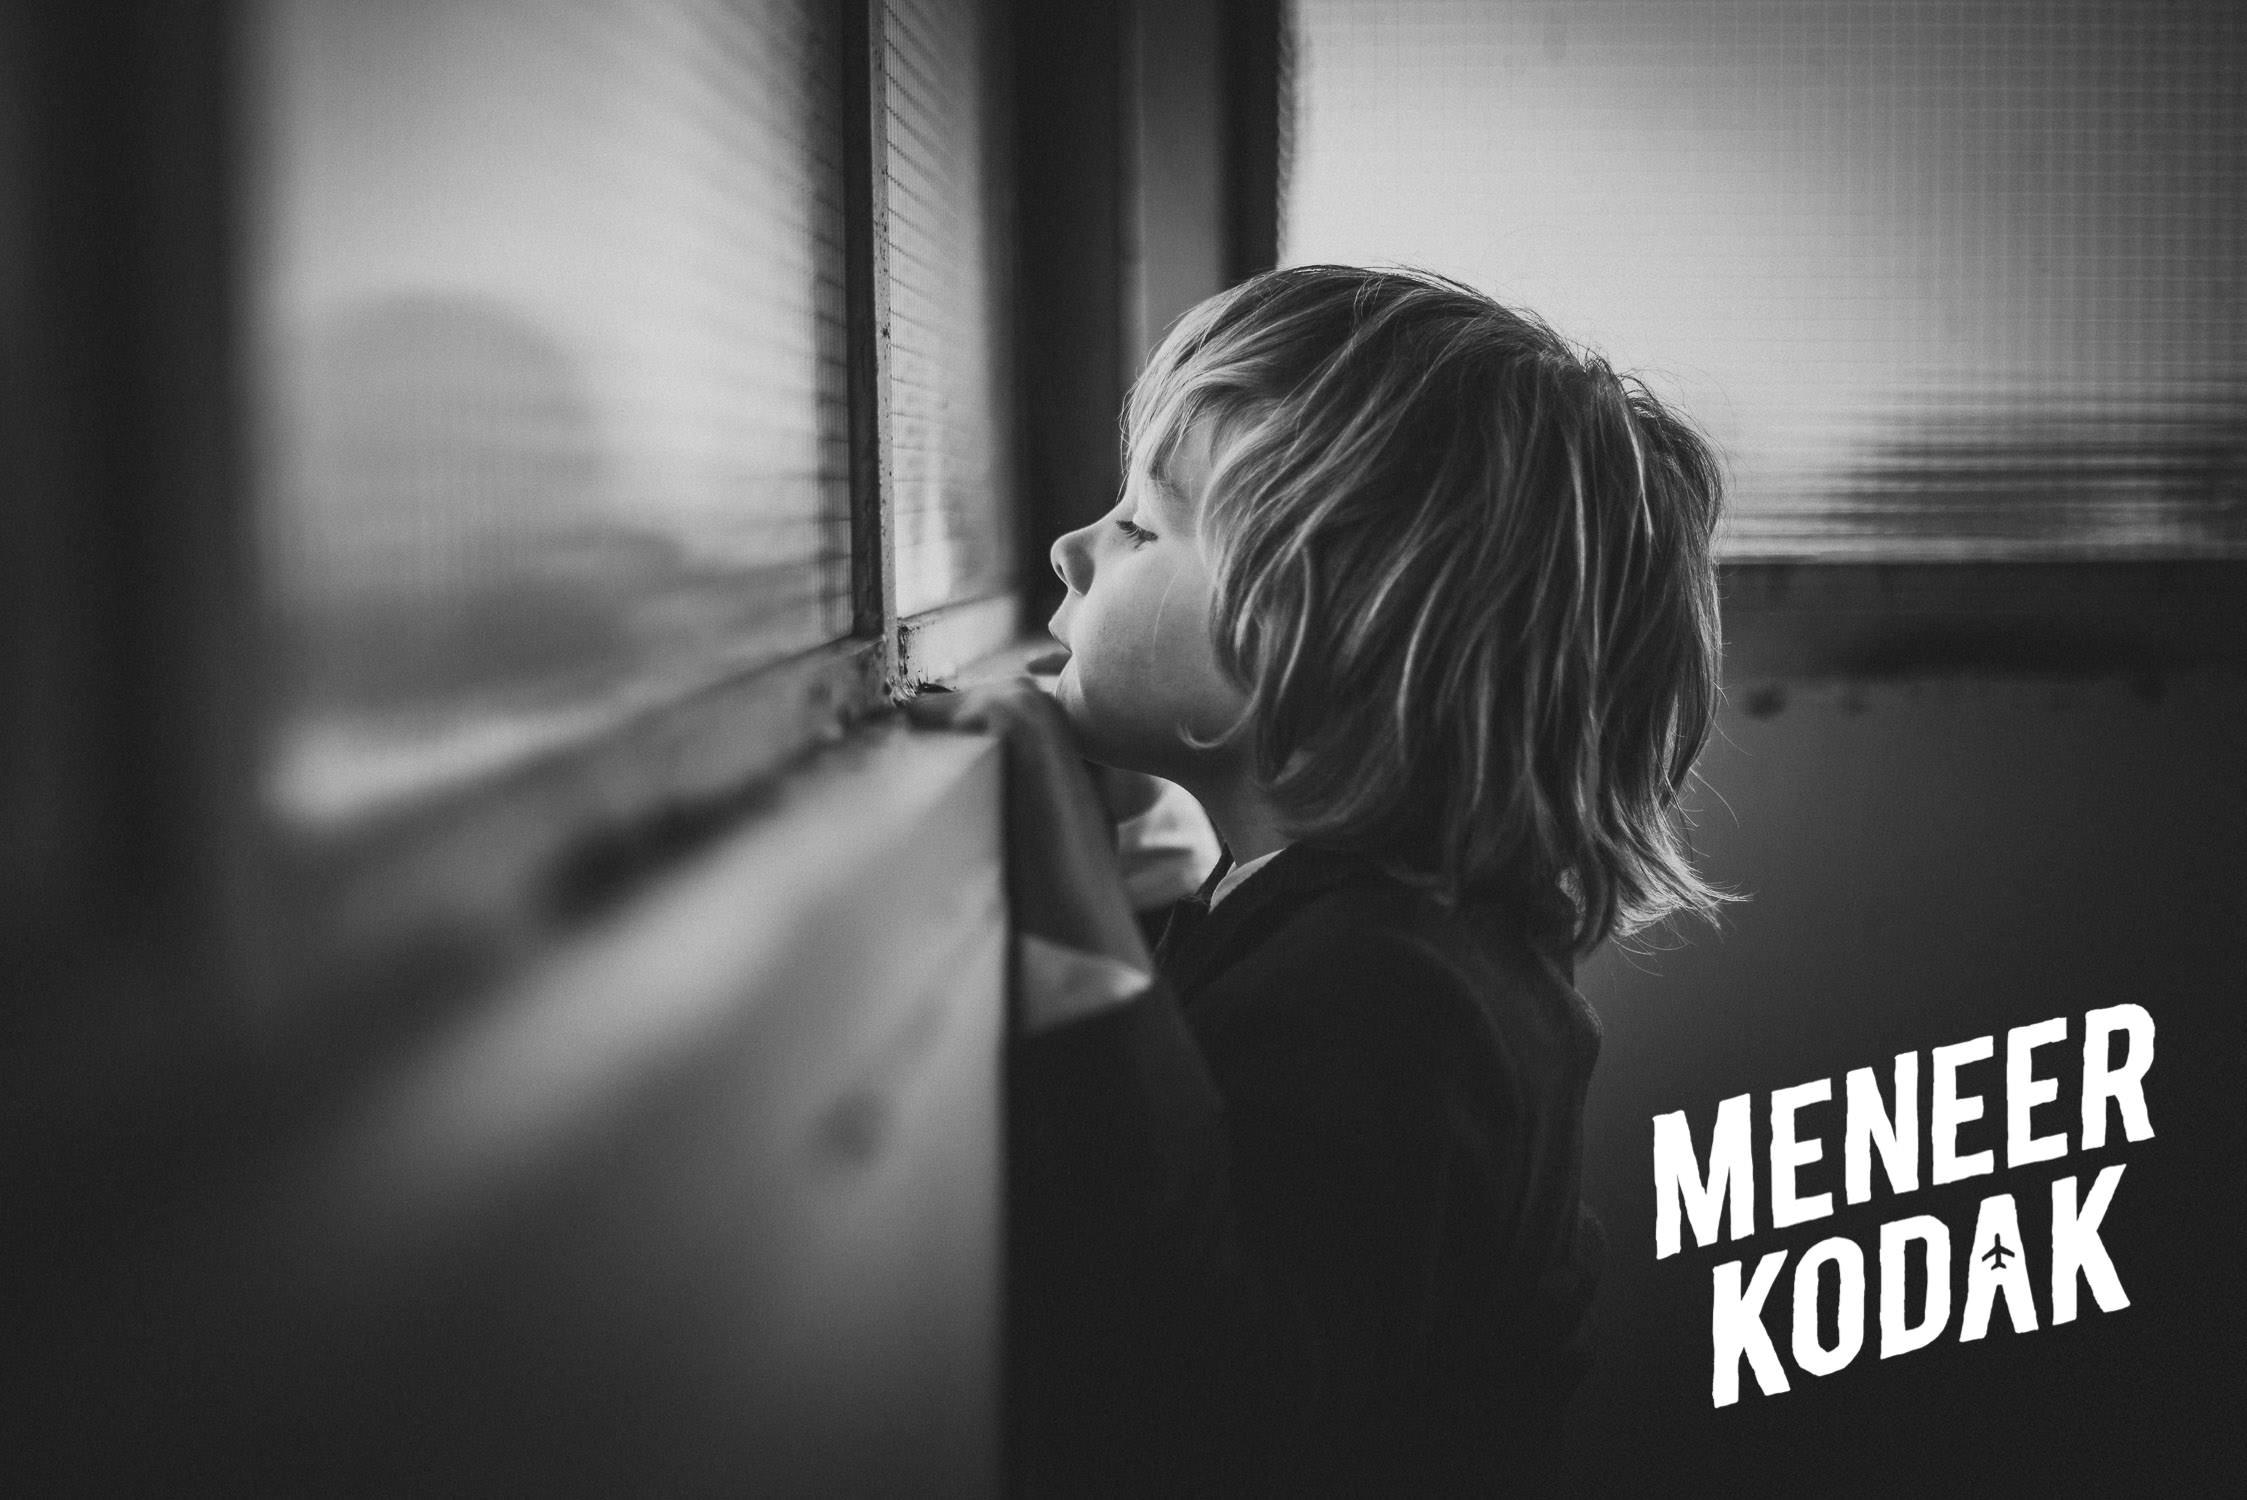 Meneer Kodak - Bruidsfotograaf - Breda - S&R-081.jpg